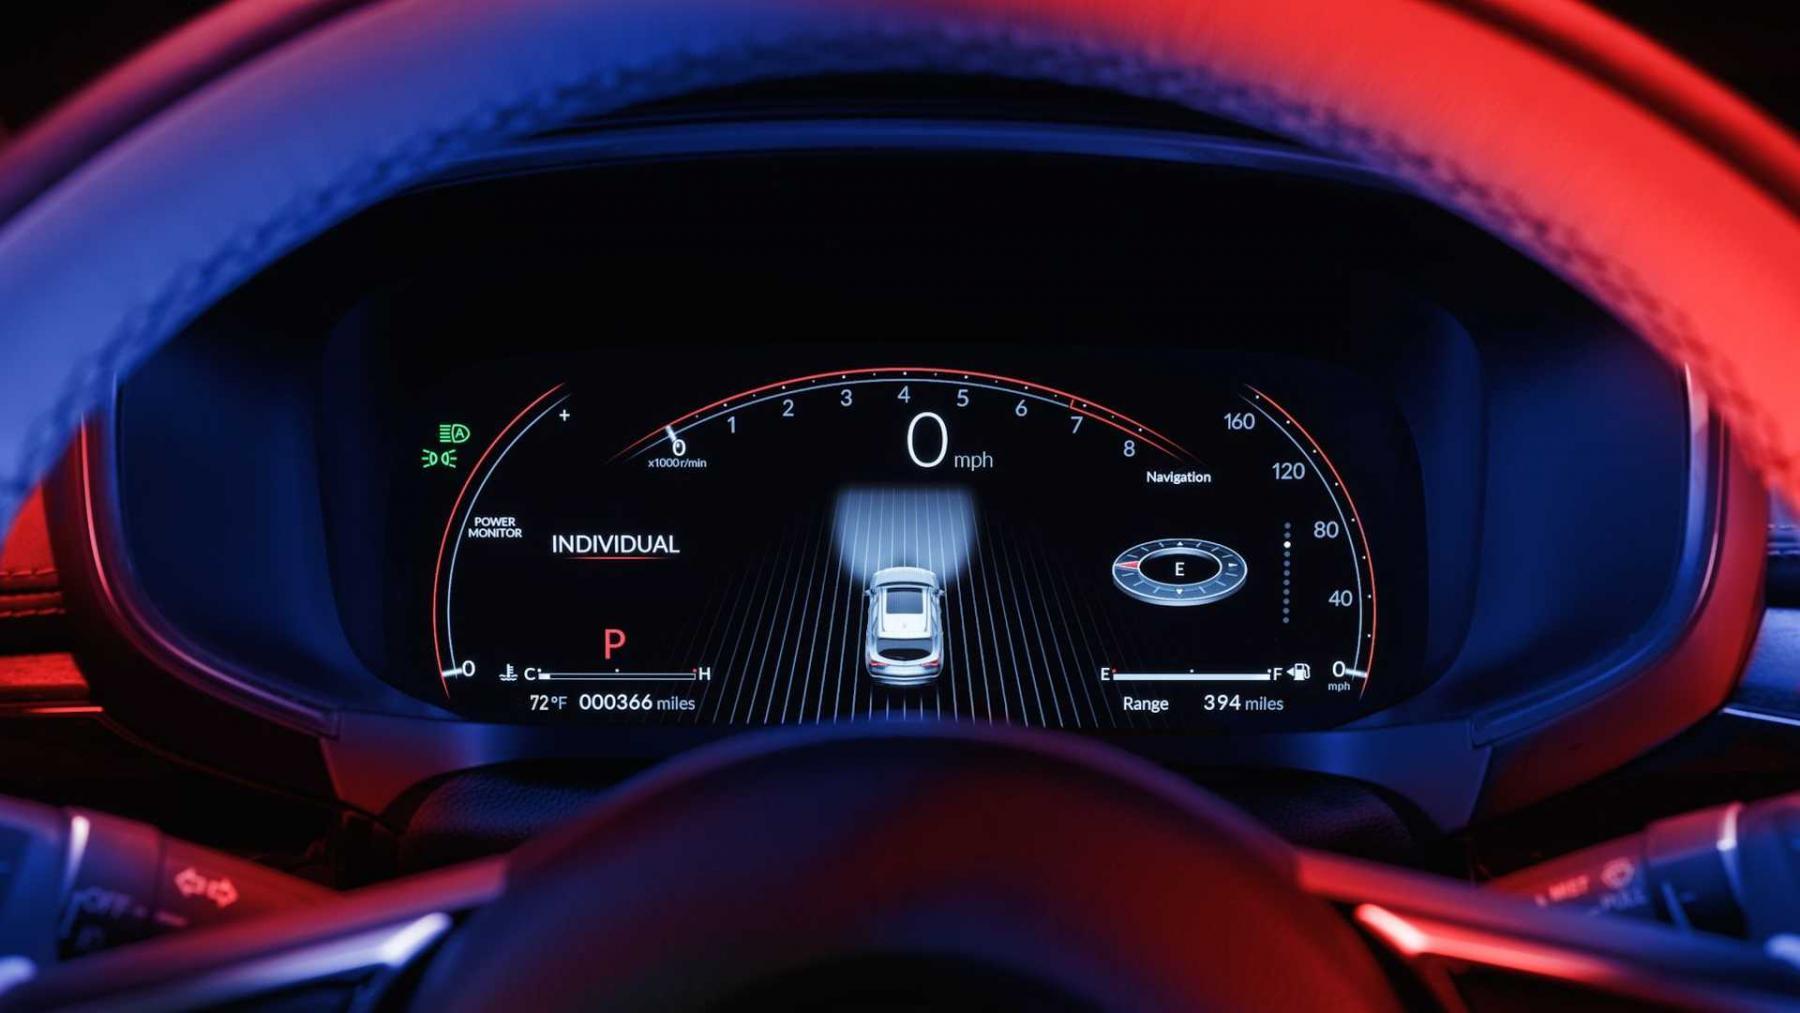 Виртуальная приборная панель Acura MDX, formacar.com